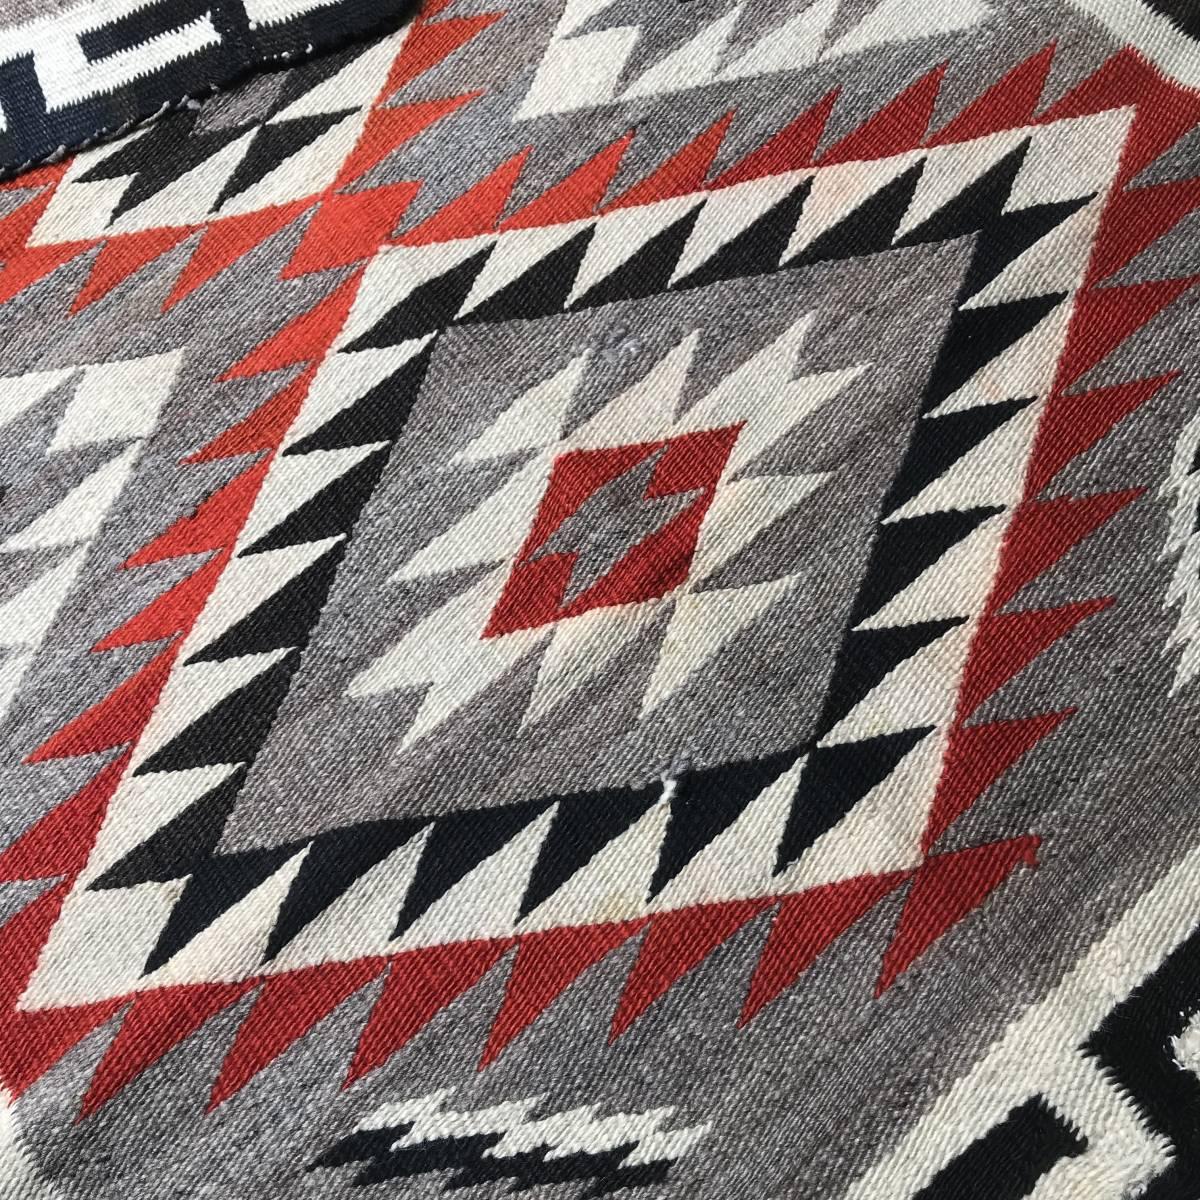 実物!Navajo Rug ナバホラグ40's~ビンテージネイティブアメリカン/50'sアリゾナプエブロ卍実物チマヨオリジナル_画像6